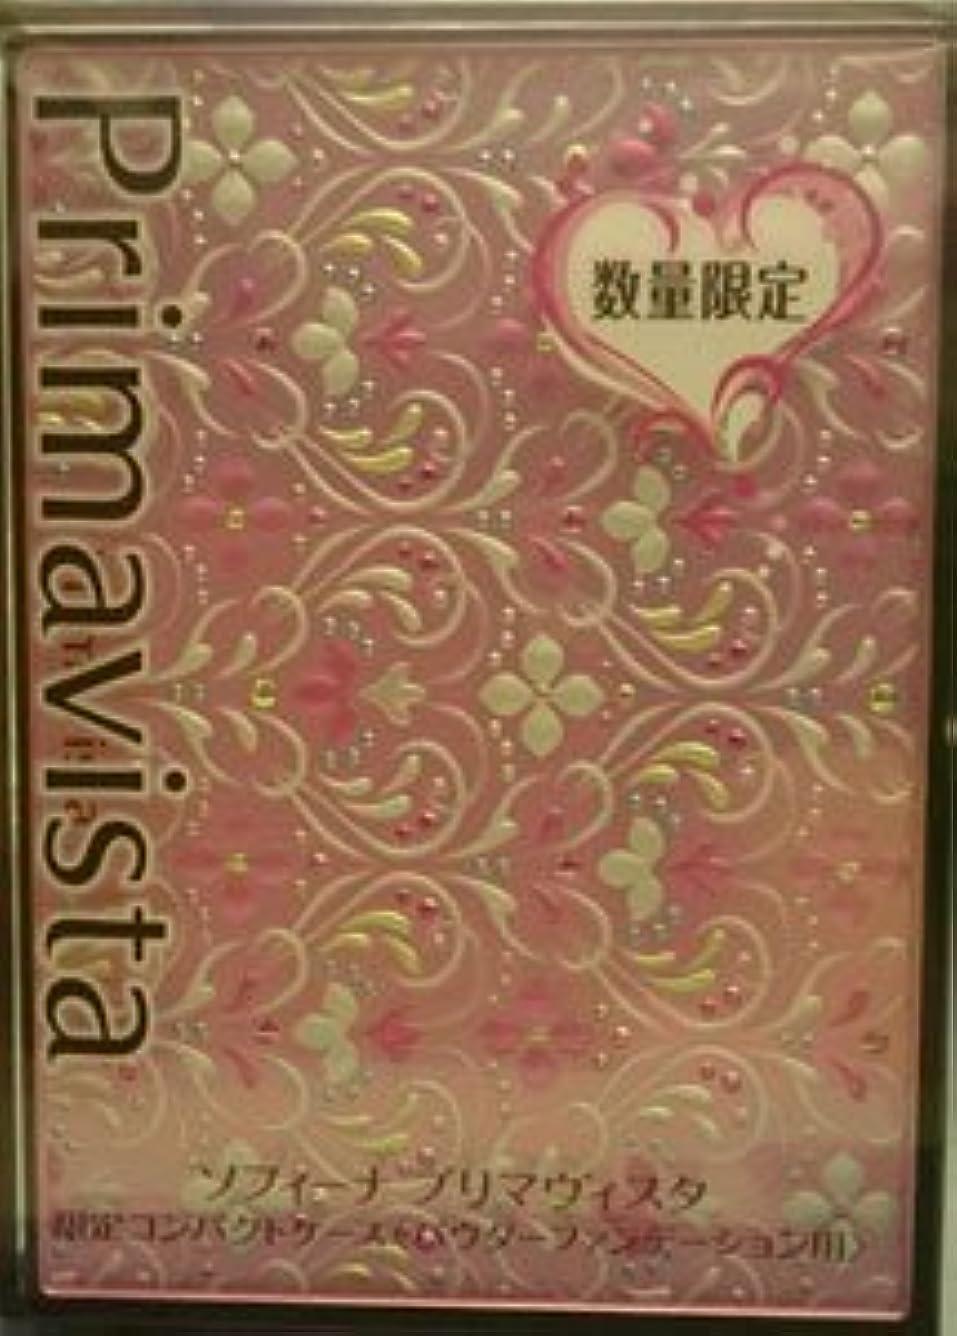 セメント解放する名声ソフィーナ プリマヴィスタ 限定コンパクトケース[パウダーファンデーション用]15B1 ※ピンク